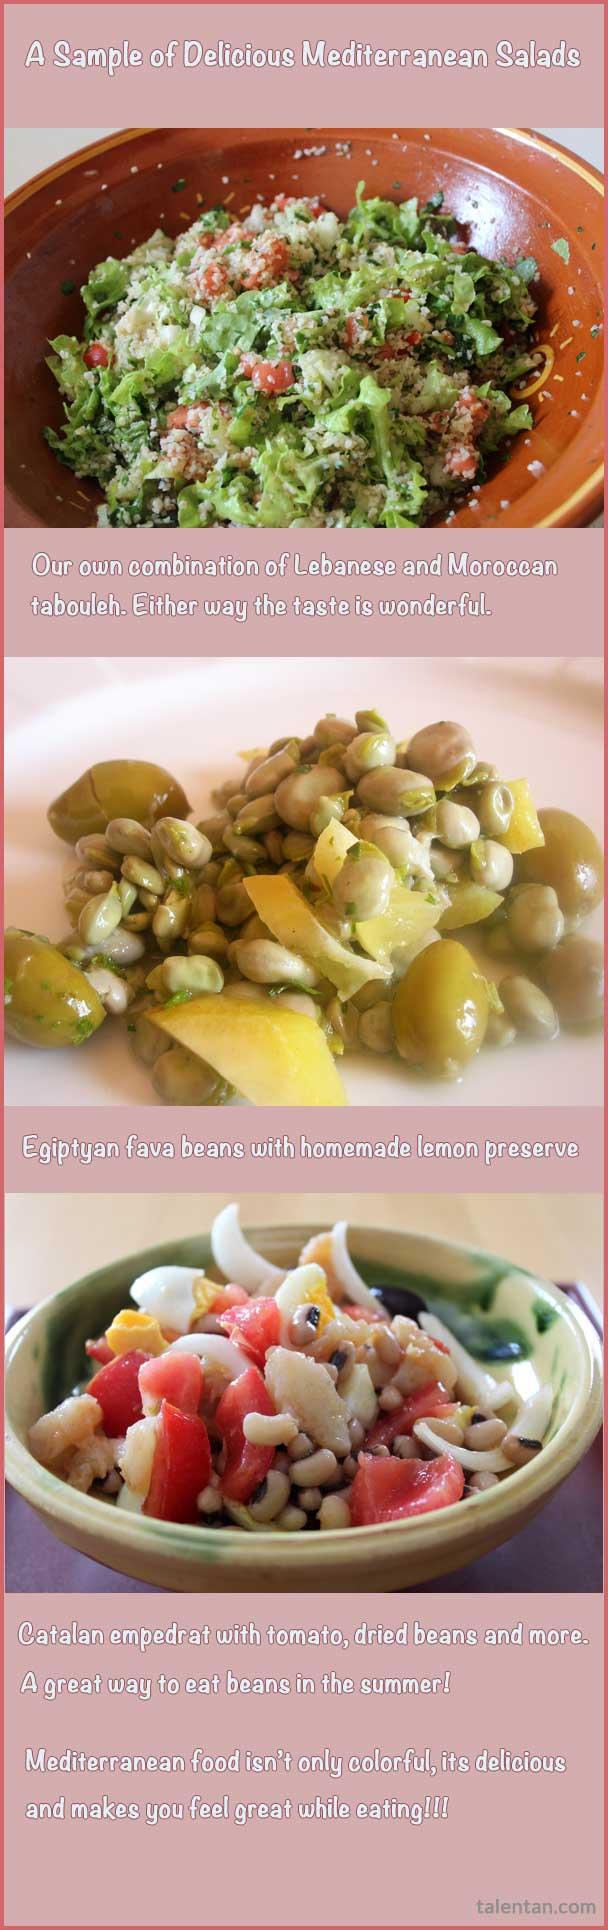 Mediterranean Diet Salads